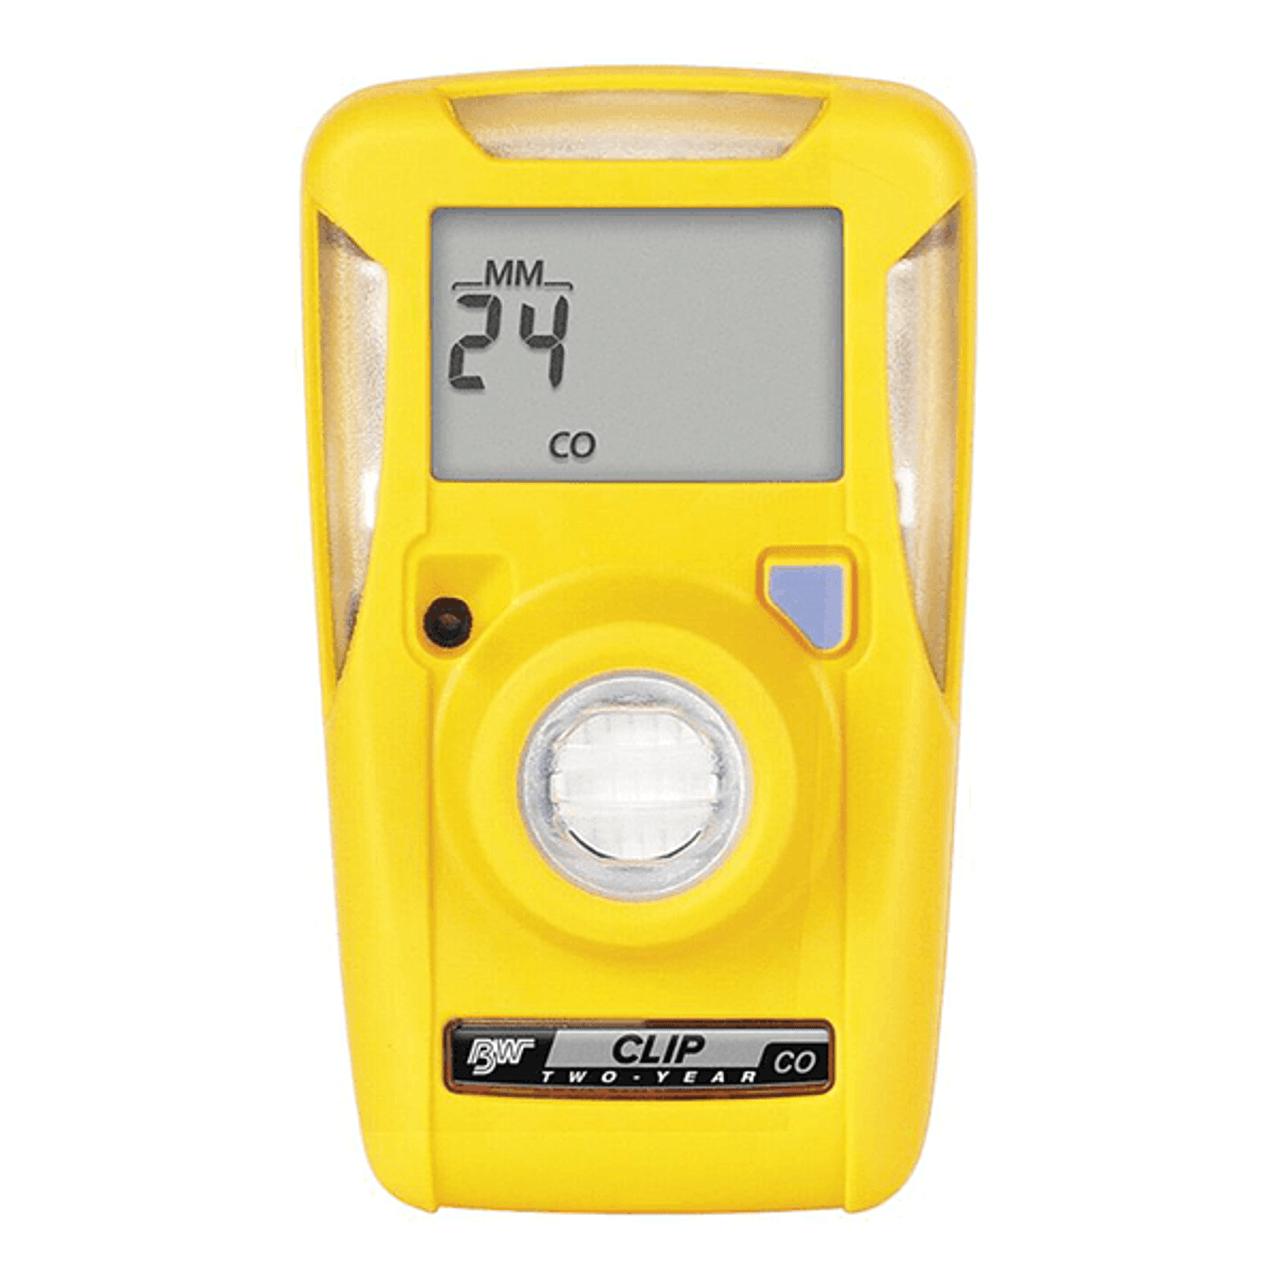 Carbon Monoxide Gas Detector with Belt/Strap Clip